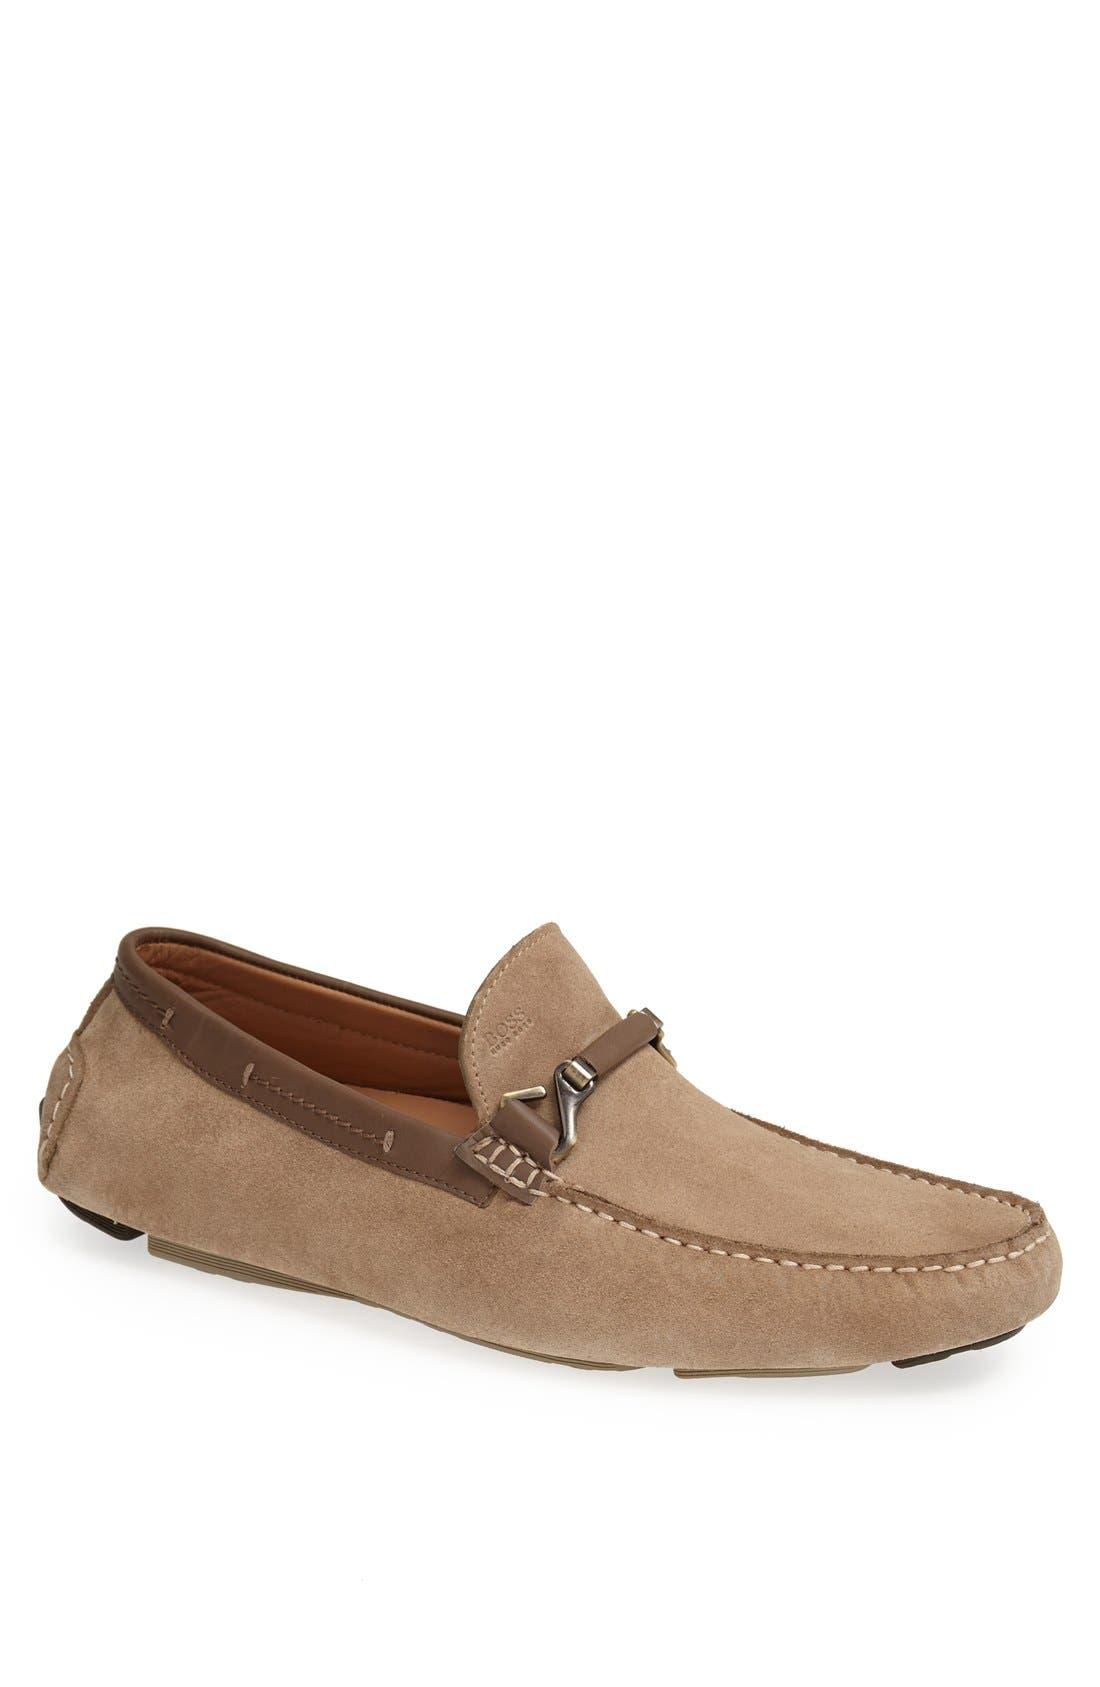 Main Image - BOSS HUGO BOSS 'Drenno' Driving Shoe (Men)